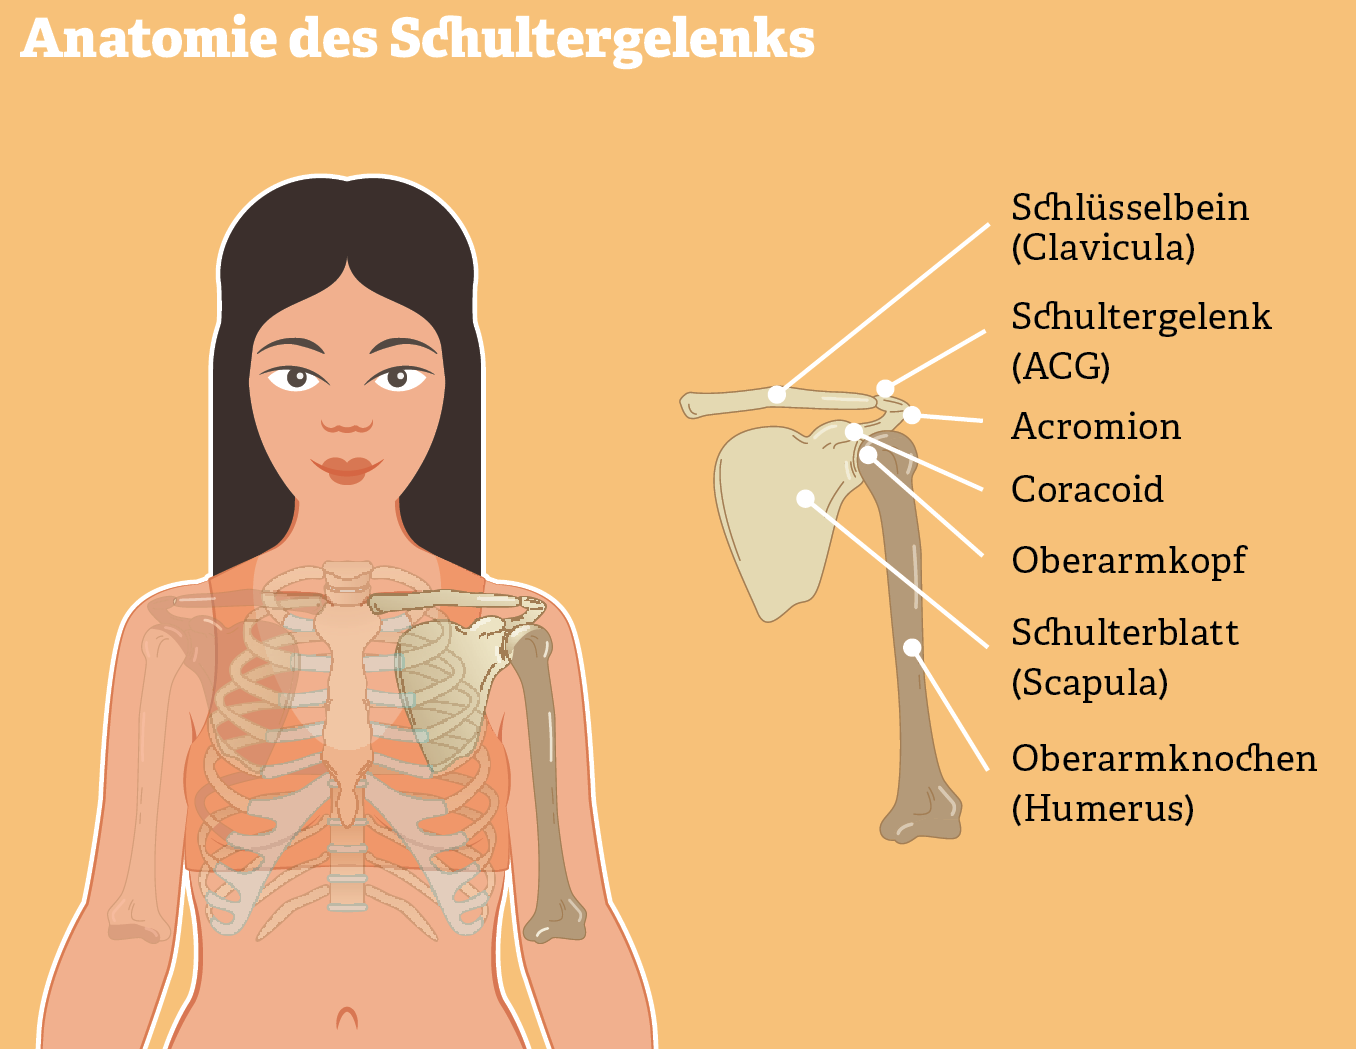 Grafik: Anatomie des Schultergelenks